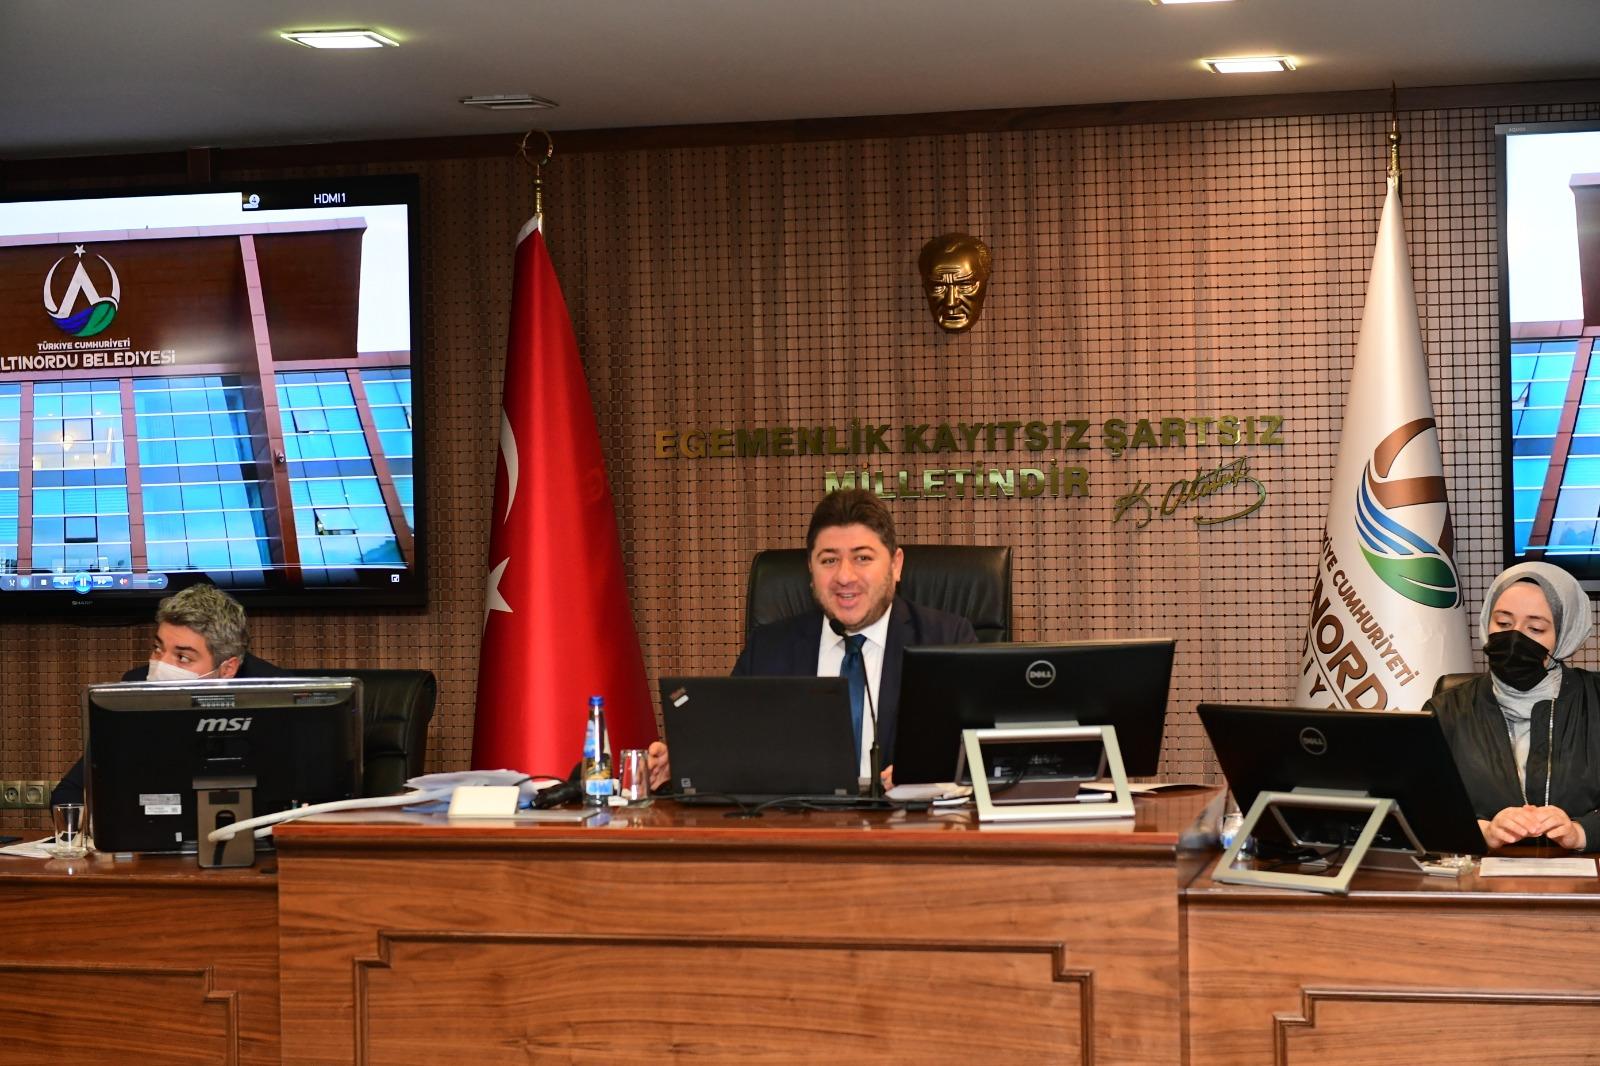 """BAŞKAN TÖREN, """"ZORLU PANDEMİ DÖNEMİNDEN GEÇİYORUZ"""